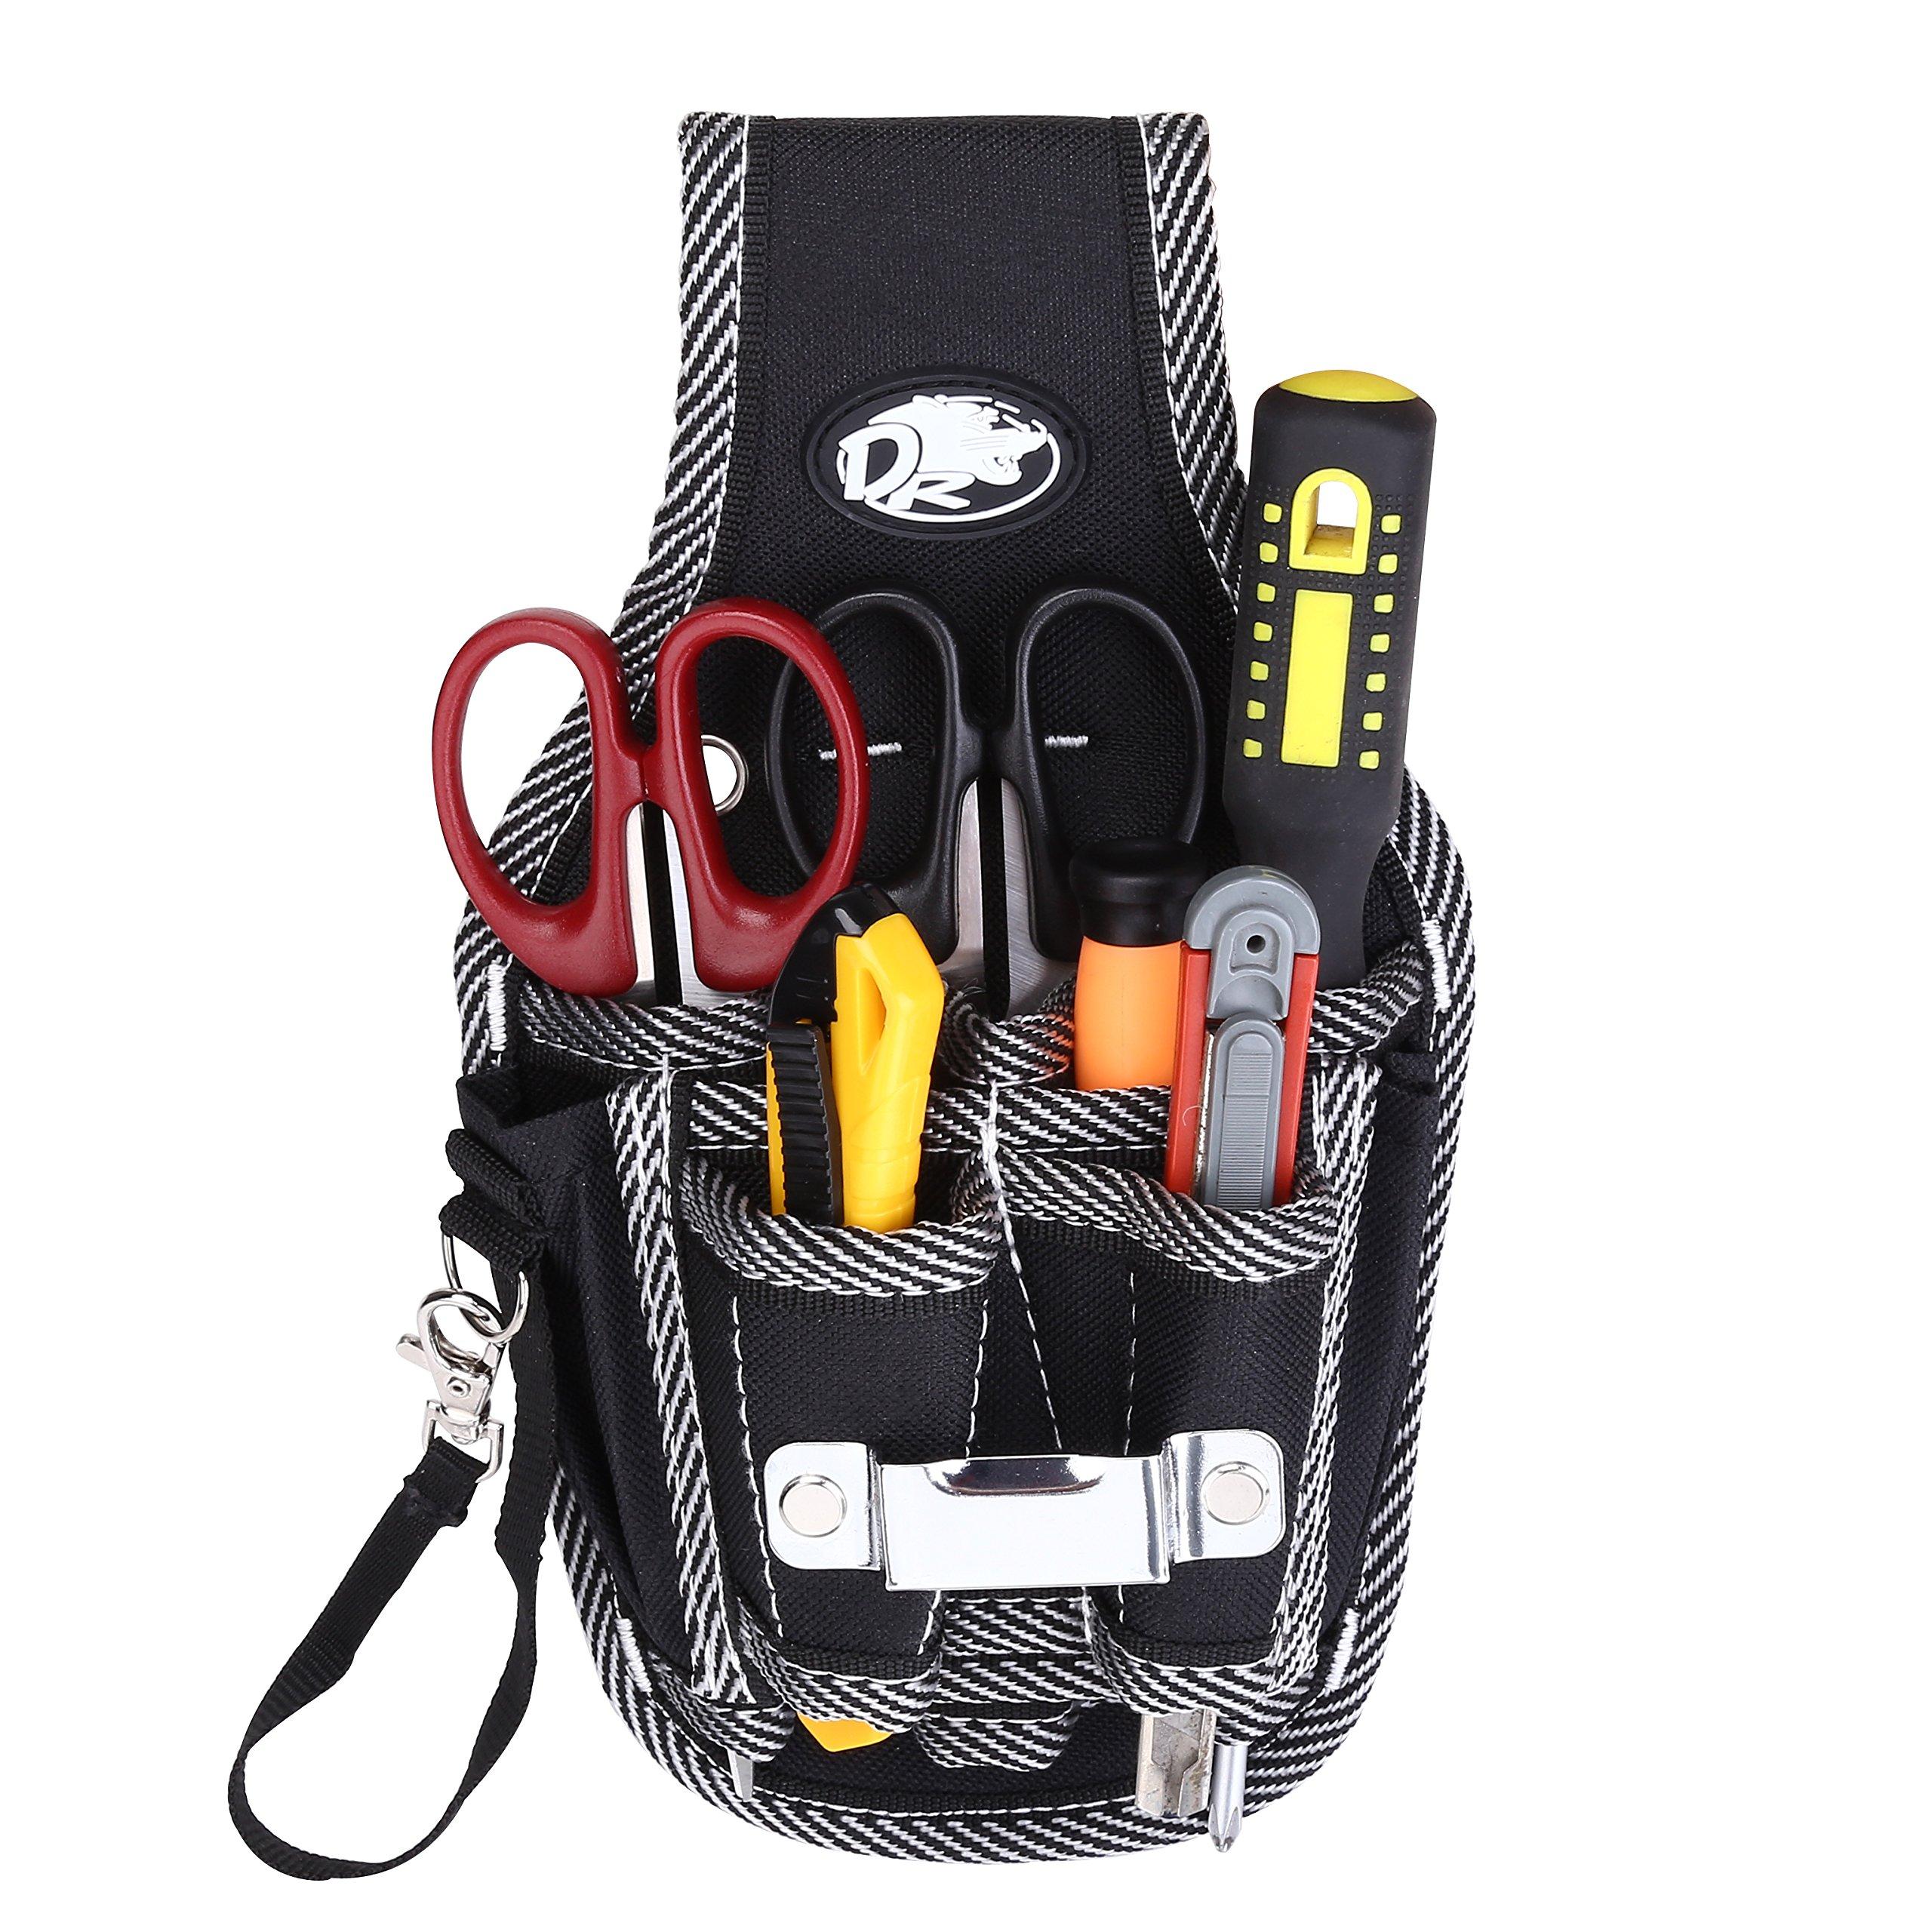 YOHOOLYO Porta Herramientas Organizador de Herramientas del Destornillador Cinturón Electricista 9 en 1 product image